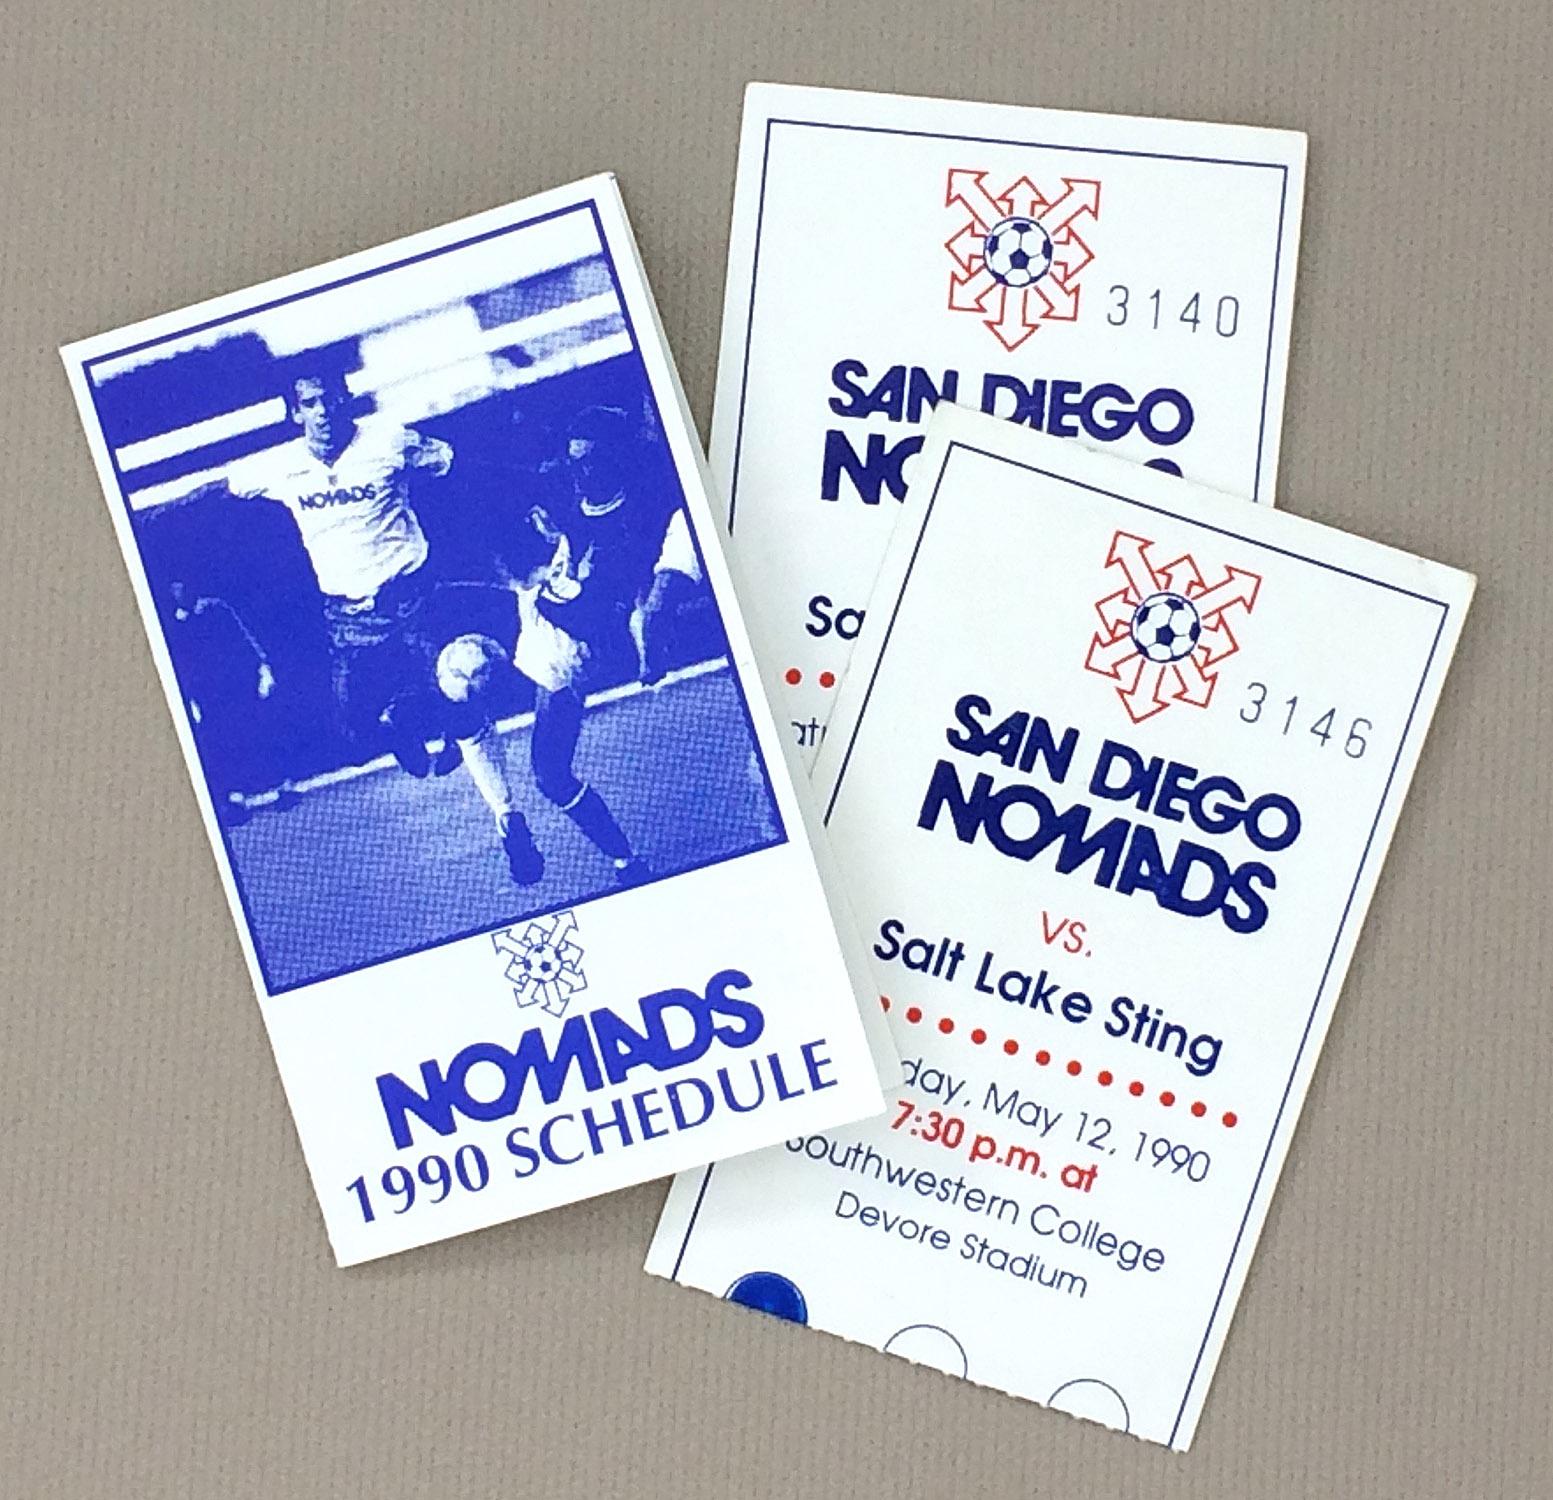 San Diego Nomads 1990 Schedule